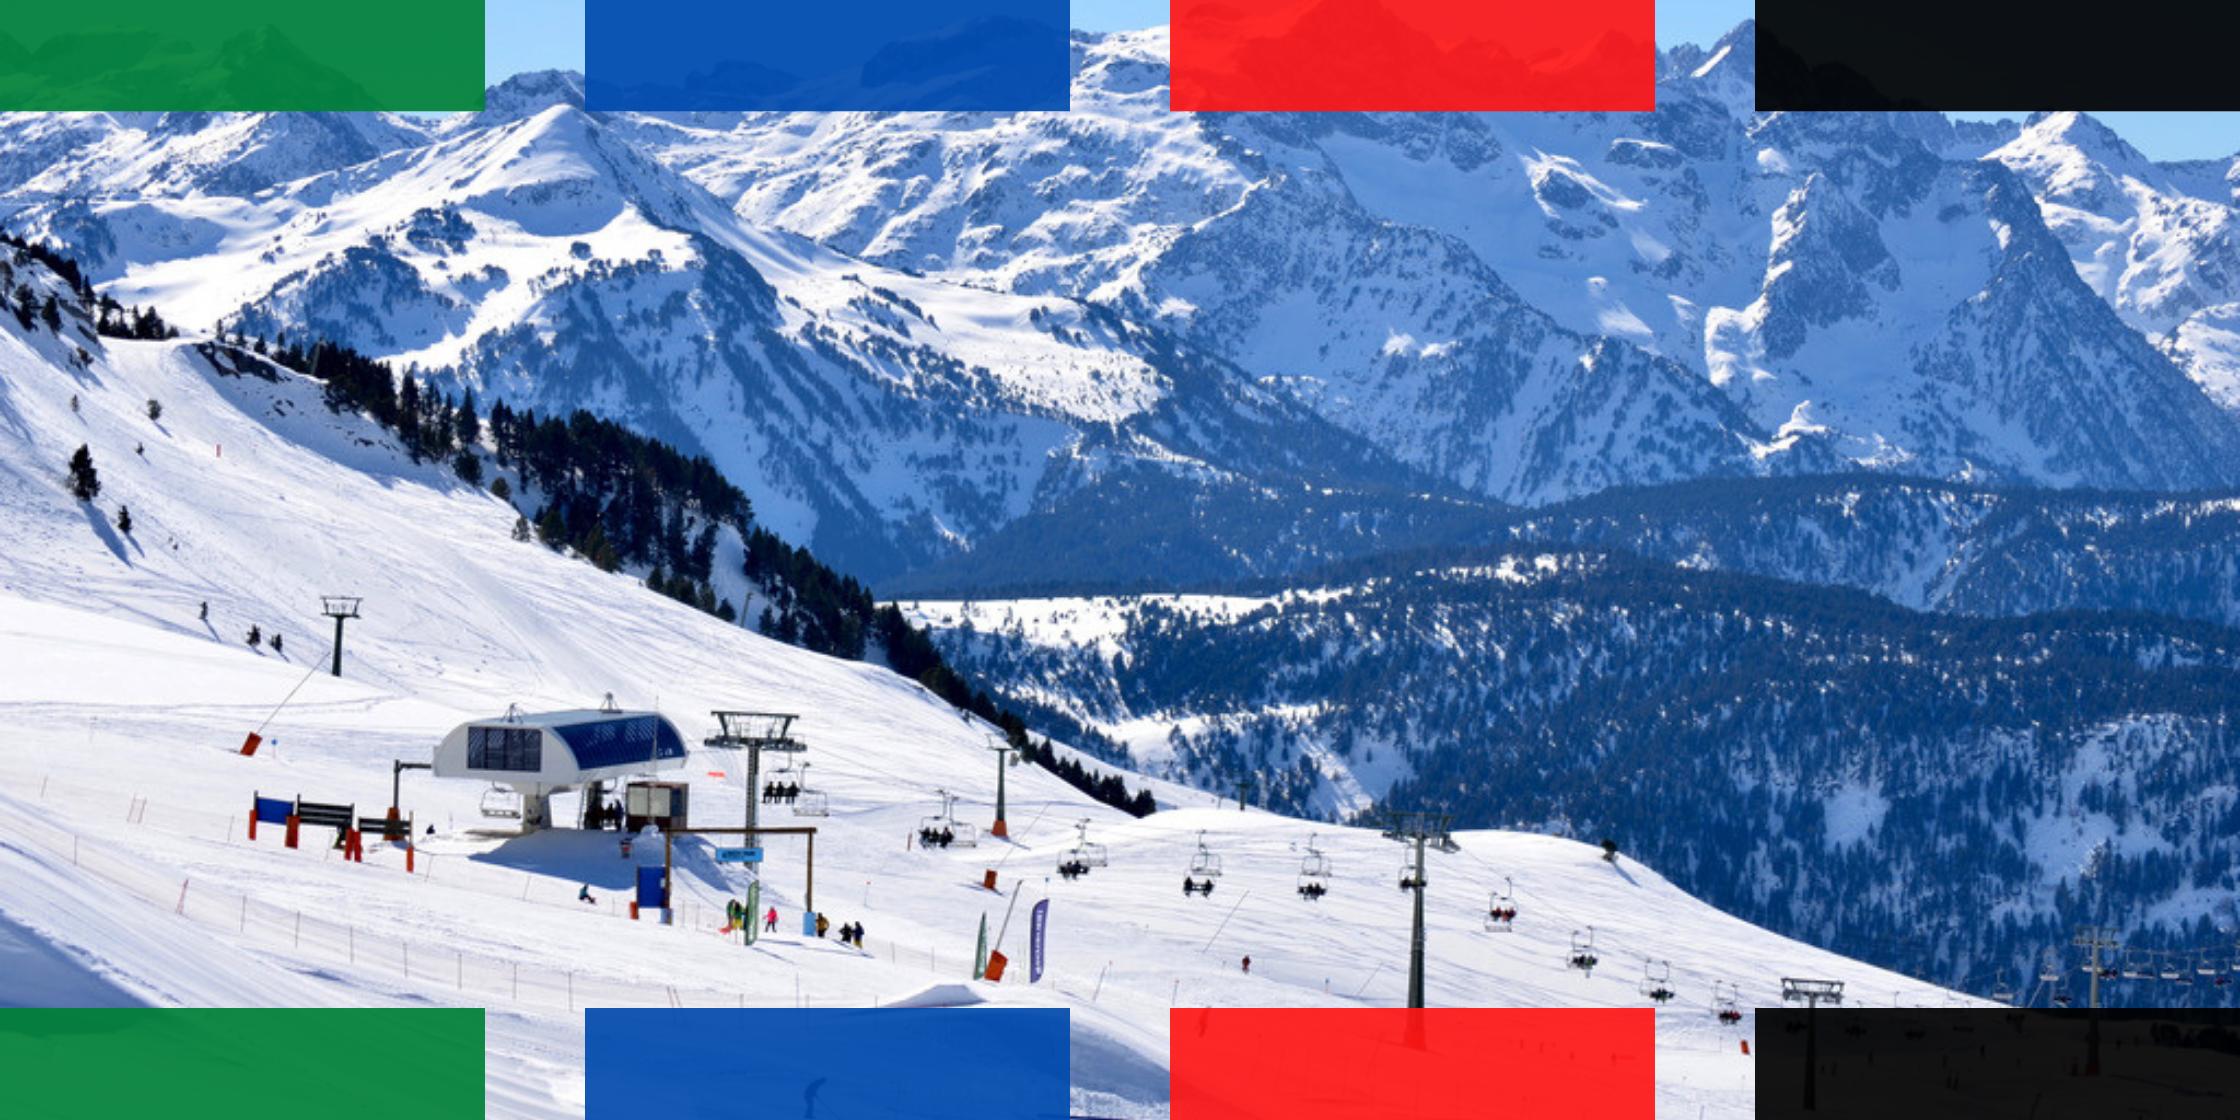 Colores de las pistas de esquí, ¿de qué color es tu nivel?